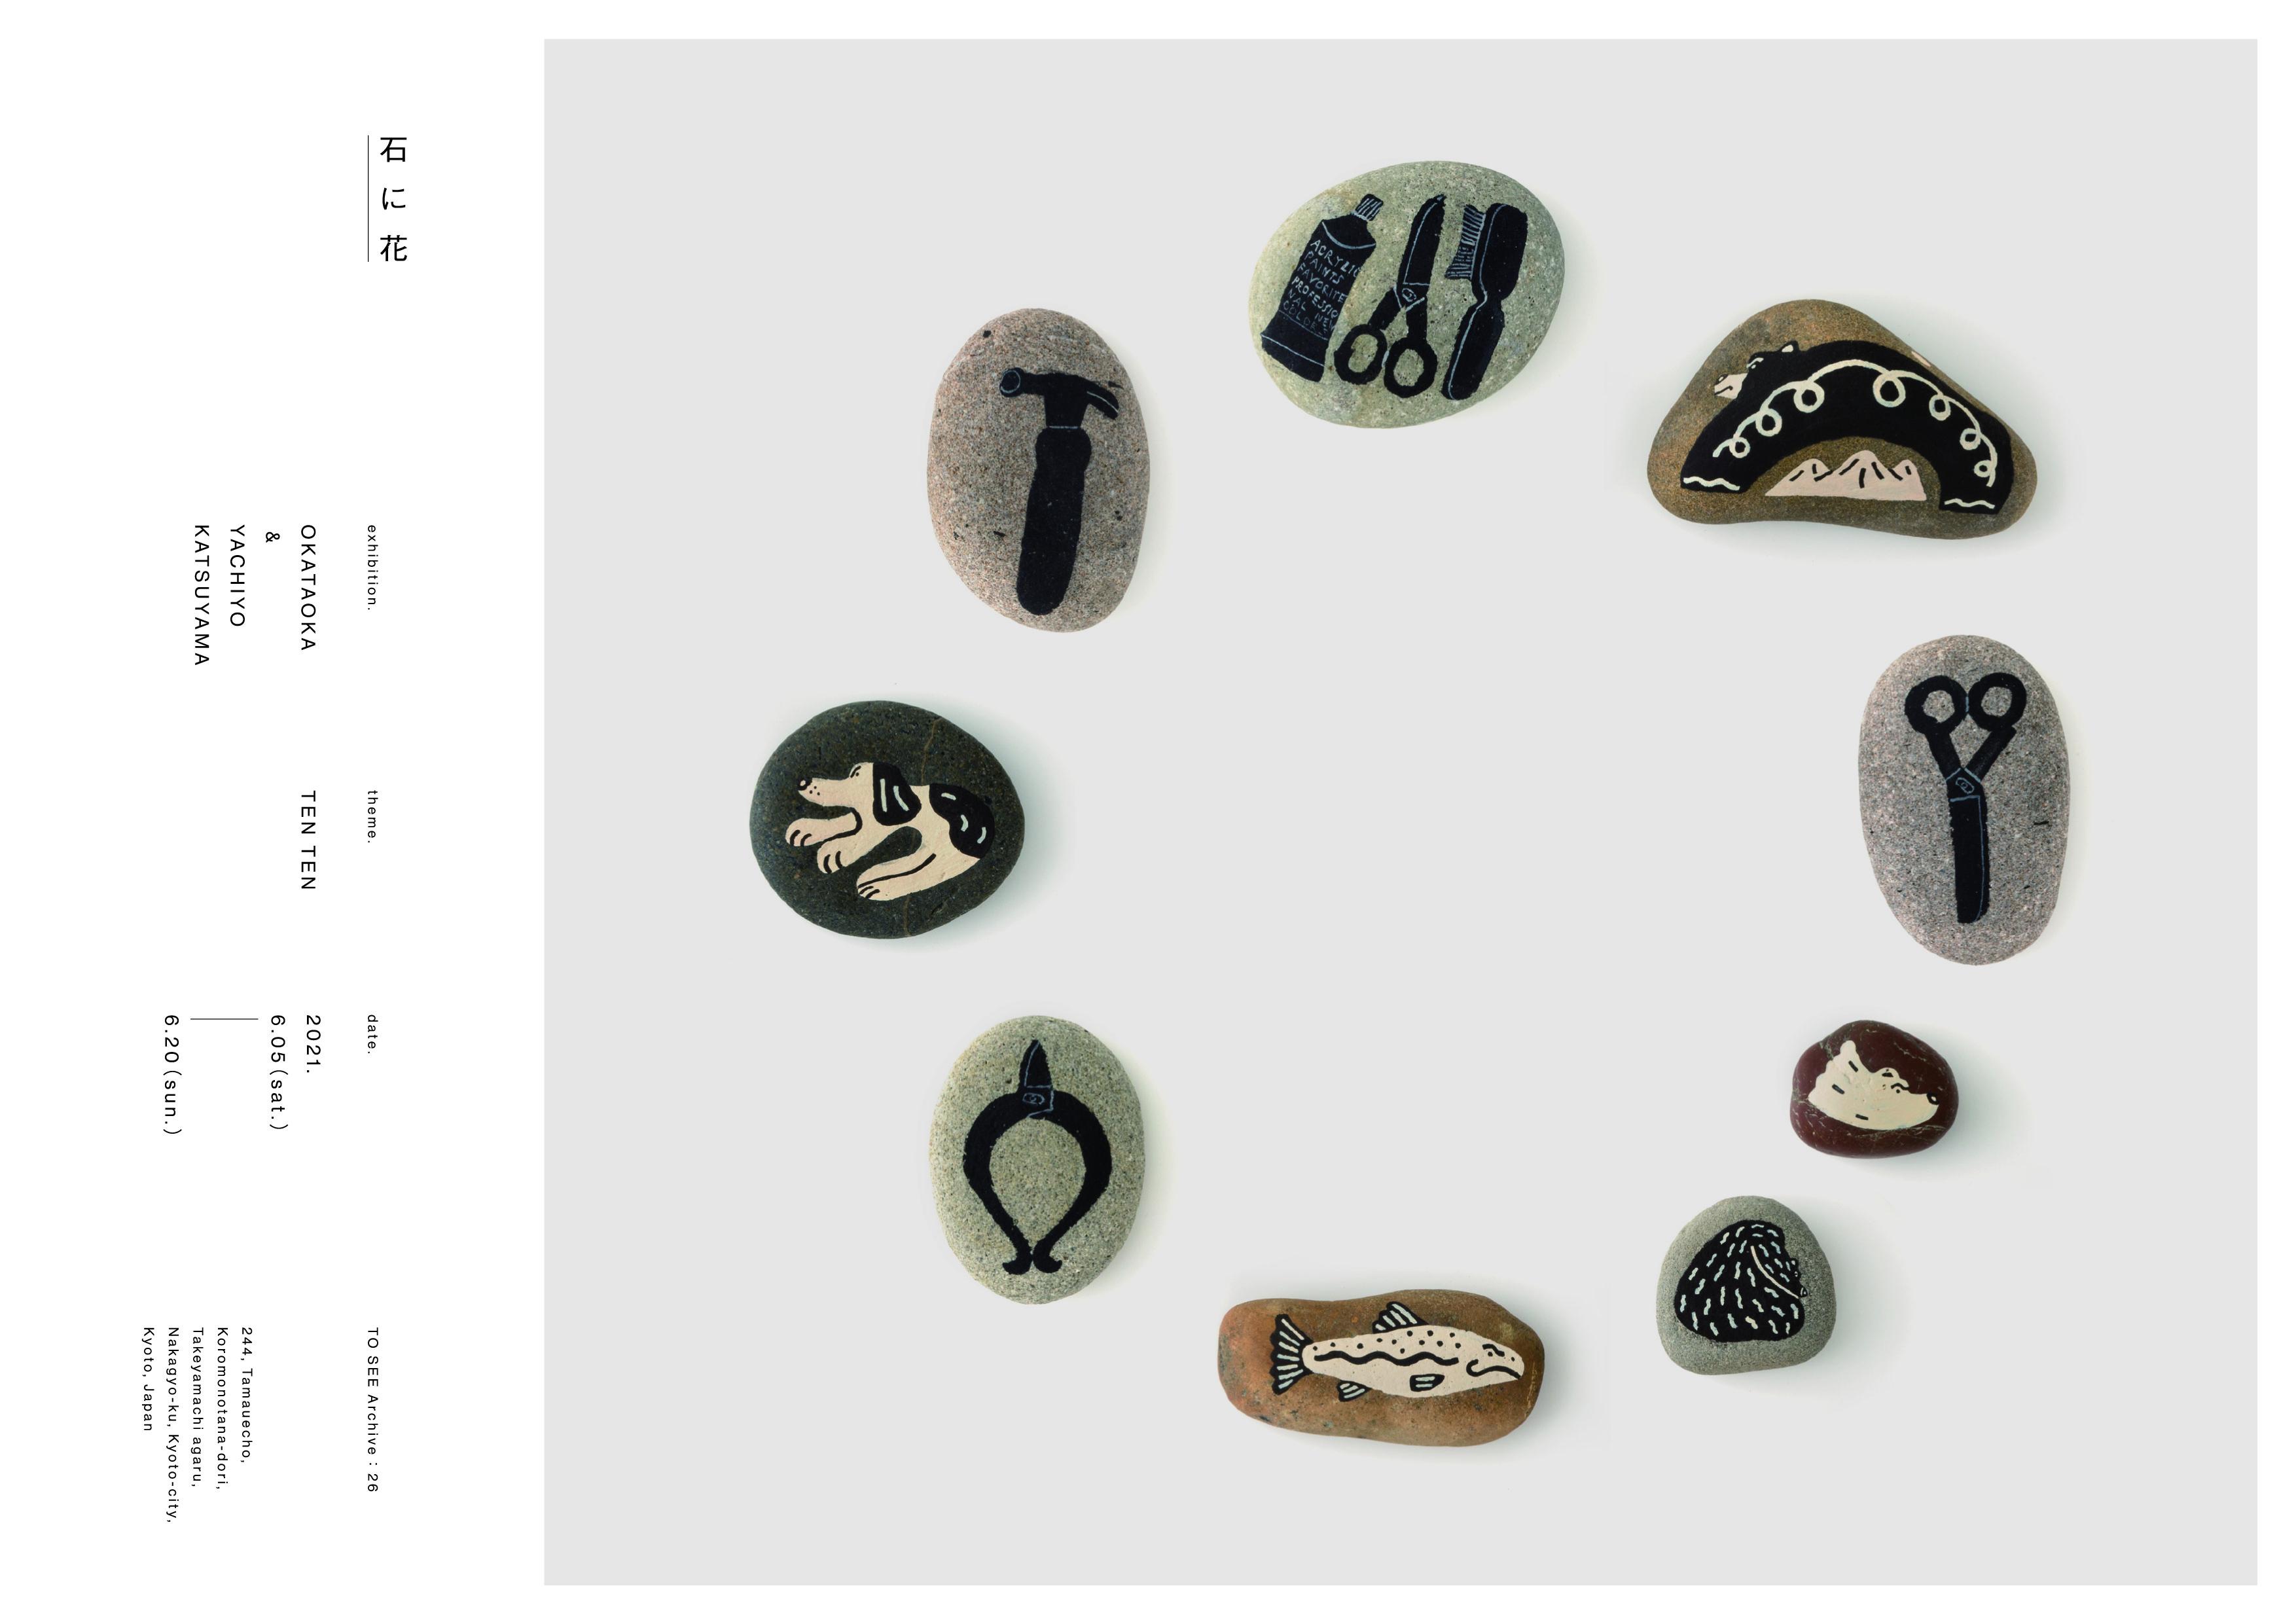 企画展《TO SEE Archive:26》 <br>石に花(OKATAOKA & YACHIYO KATSUYAMA) Exhibition<br>『TEN TEN』